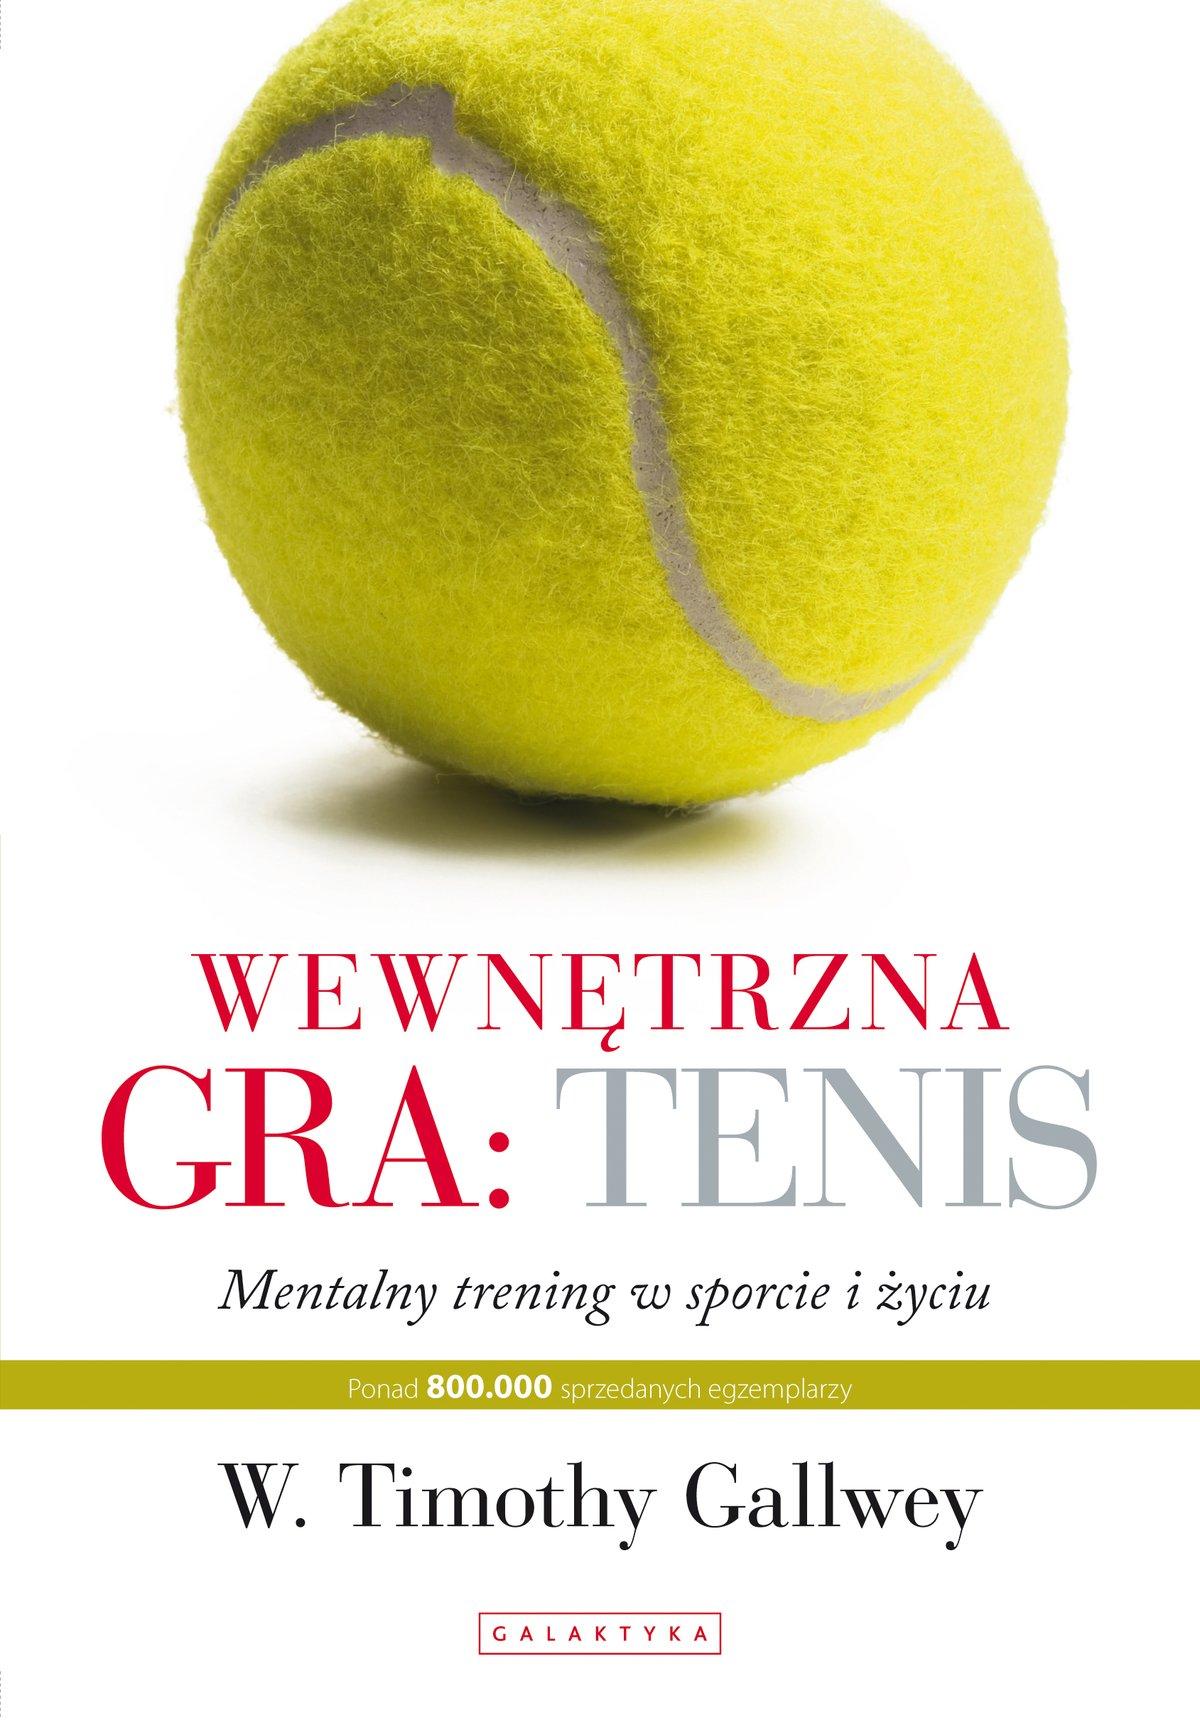 Wewnętrzna gra: tenis - Ebook (Książka EPUB) do pobrania w formacie EPUB